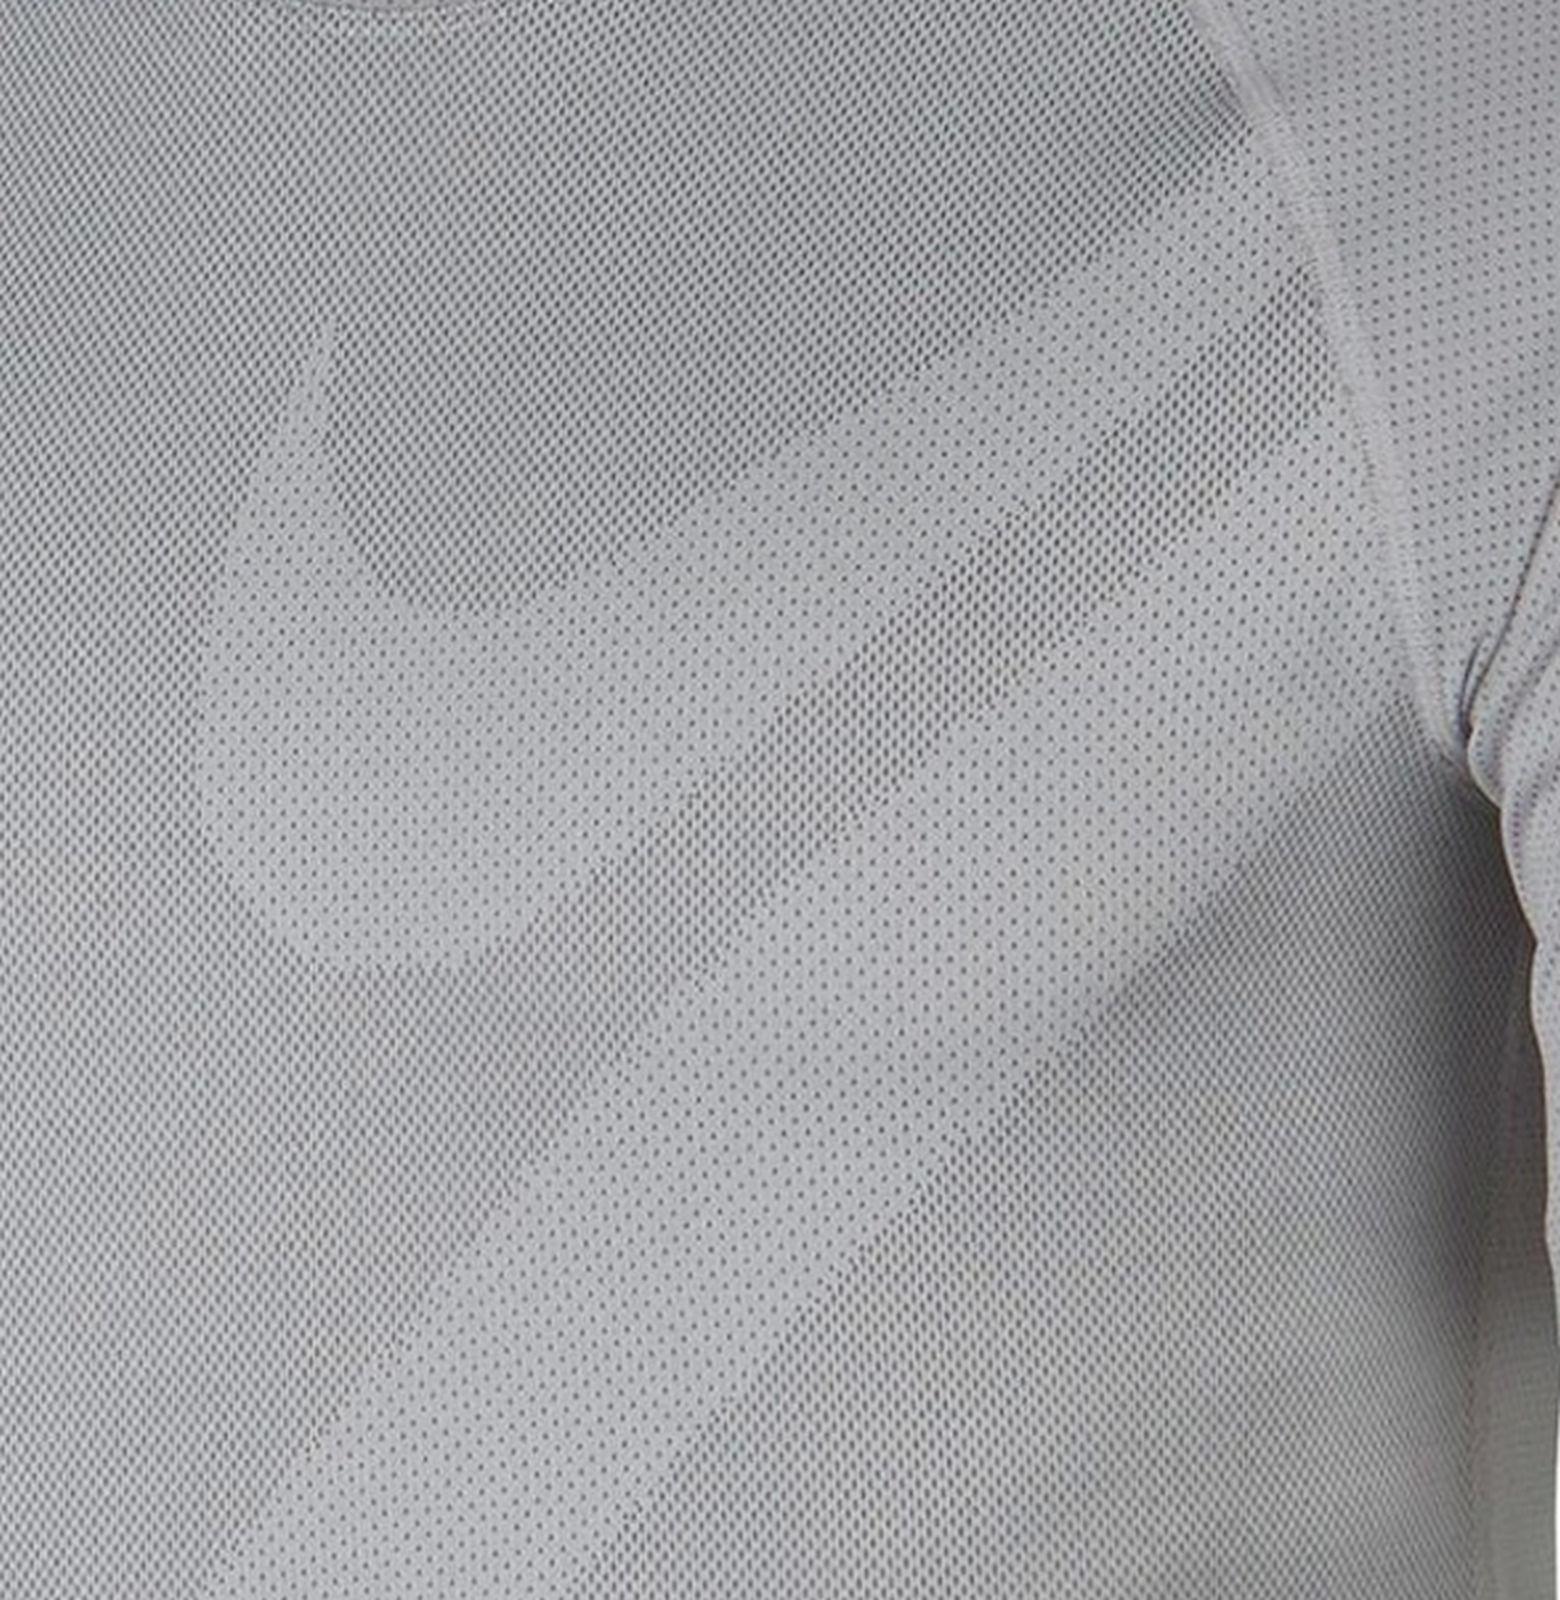 title Shirt original Men's Fitness M about T 2 Nike Details show SS HBR Shirt Nike Grey NP Top Sport Shirt osCxQBrthd